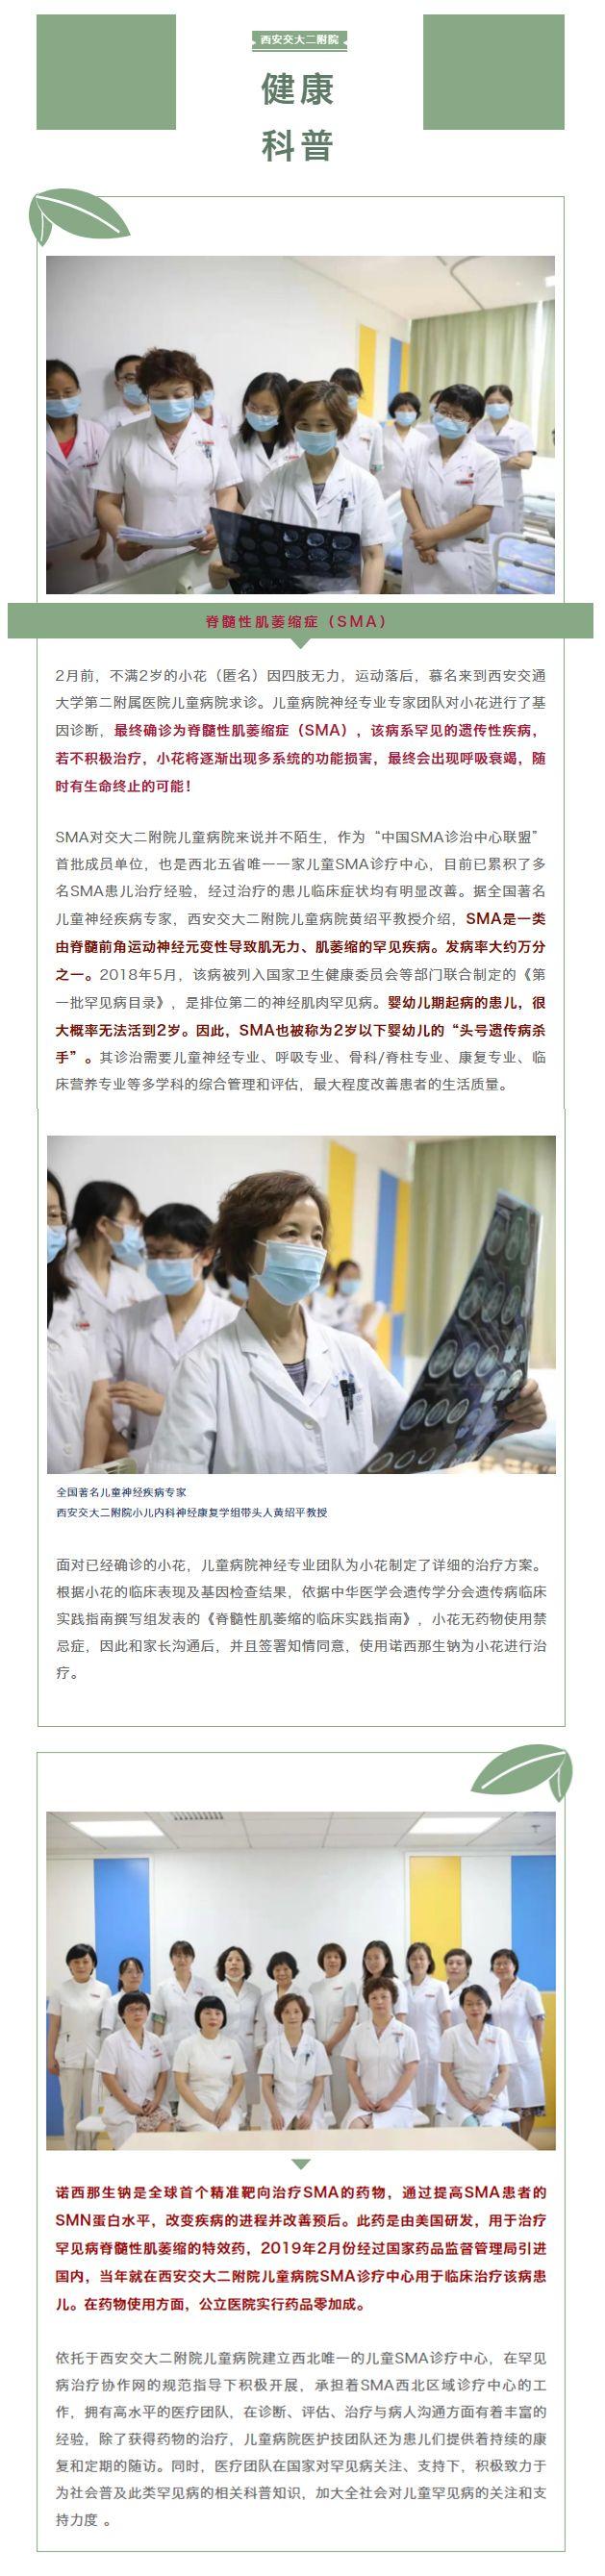 网传1岁婴儿住院4天花费55万,西安交大二附院发声